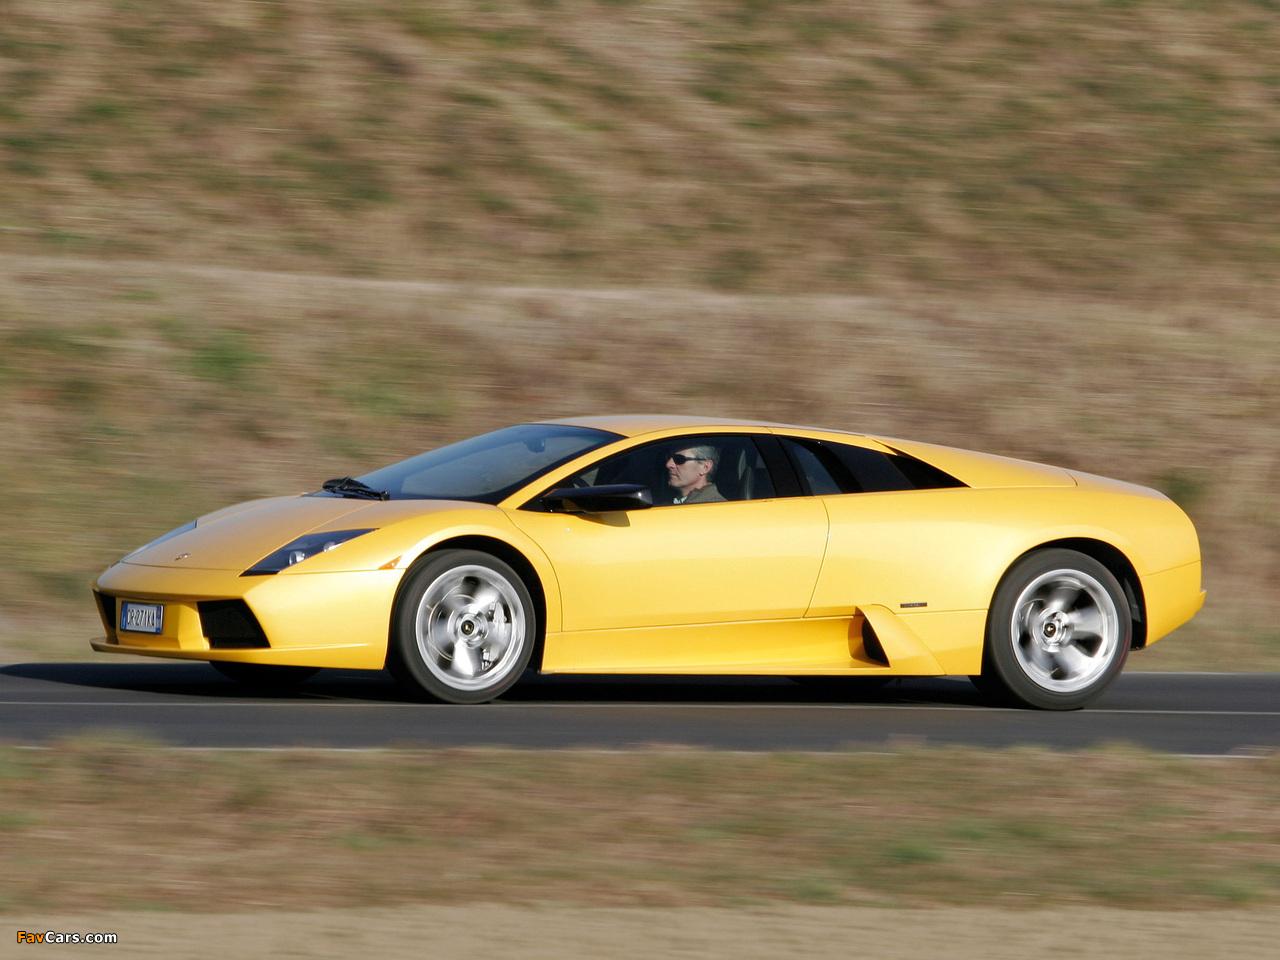 Lamborghini Murcielago 2001 06 Pictures 1280x960